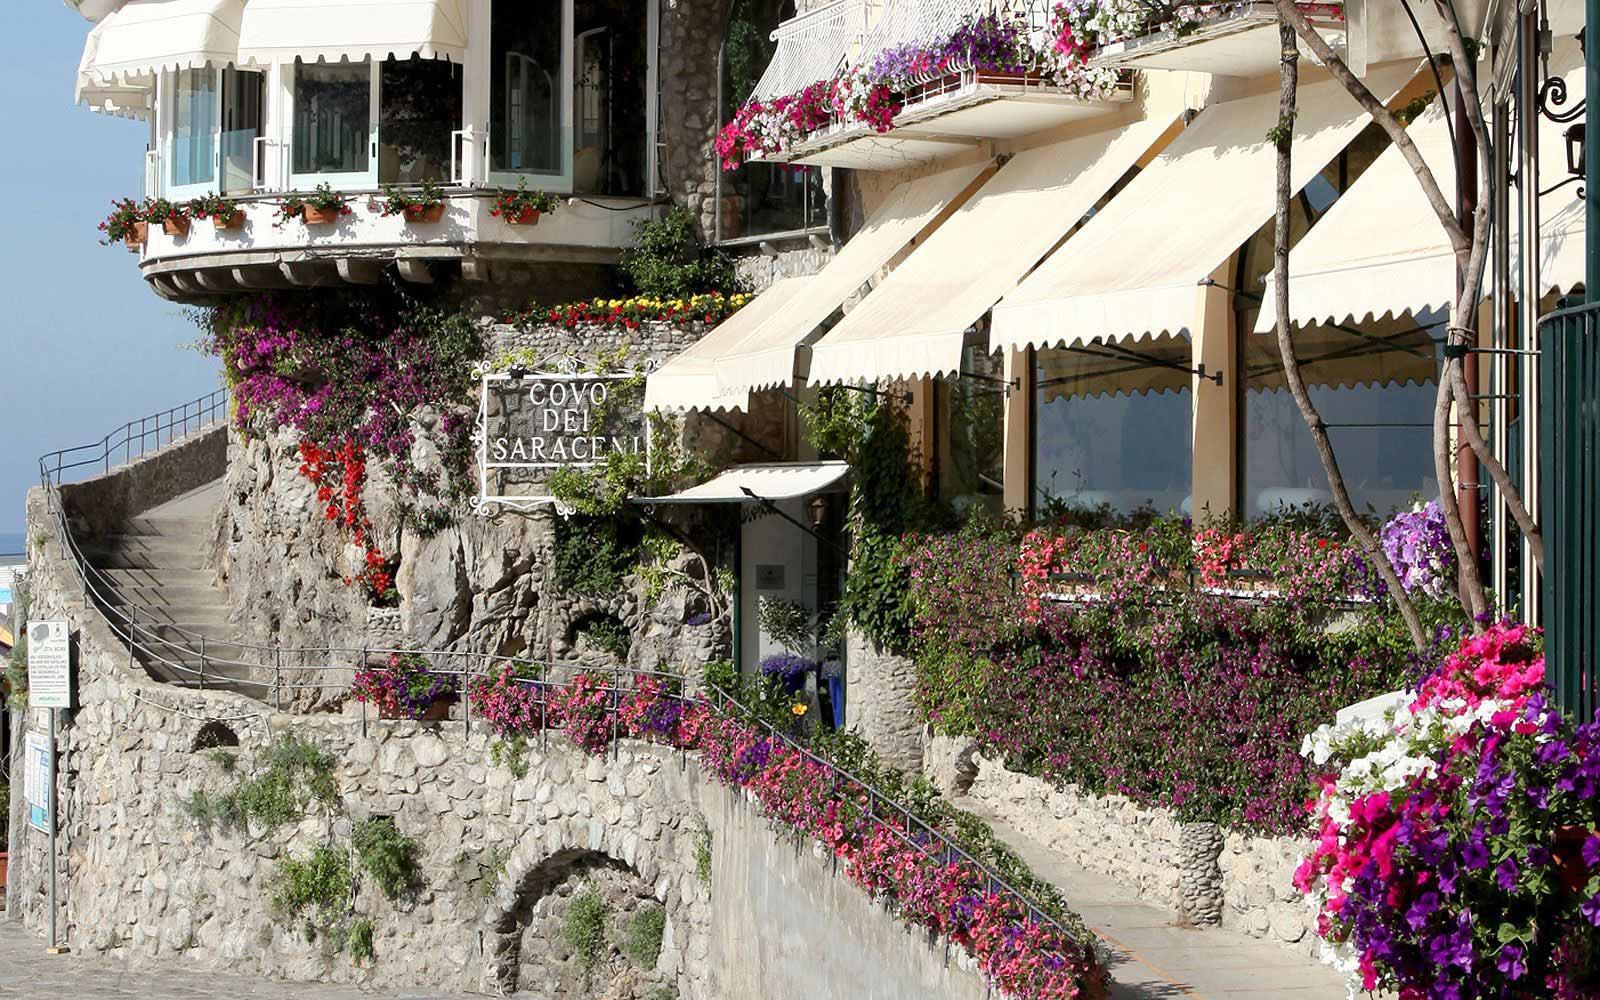 Entrance of the Covo Dei Saraceni